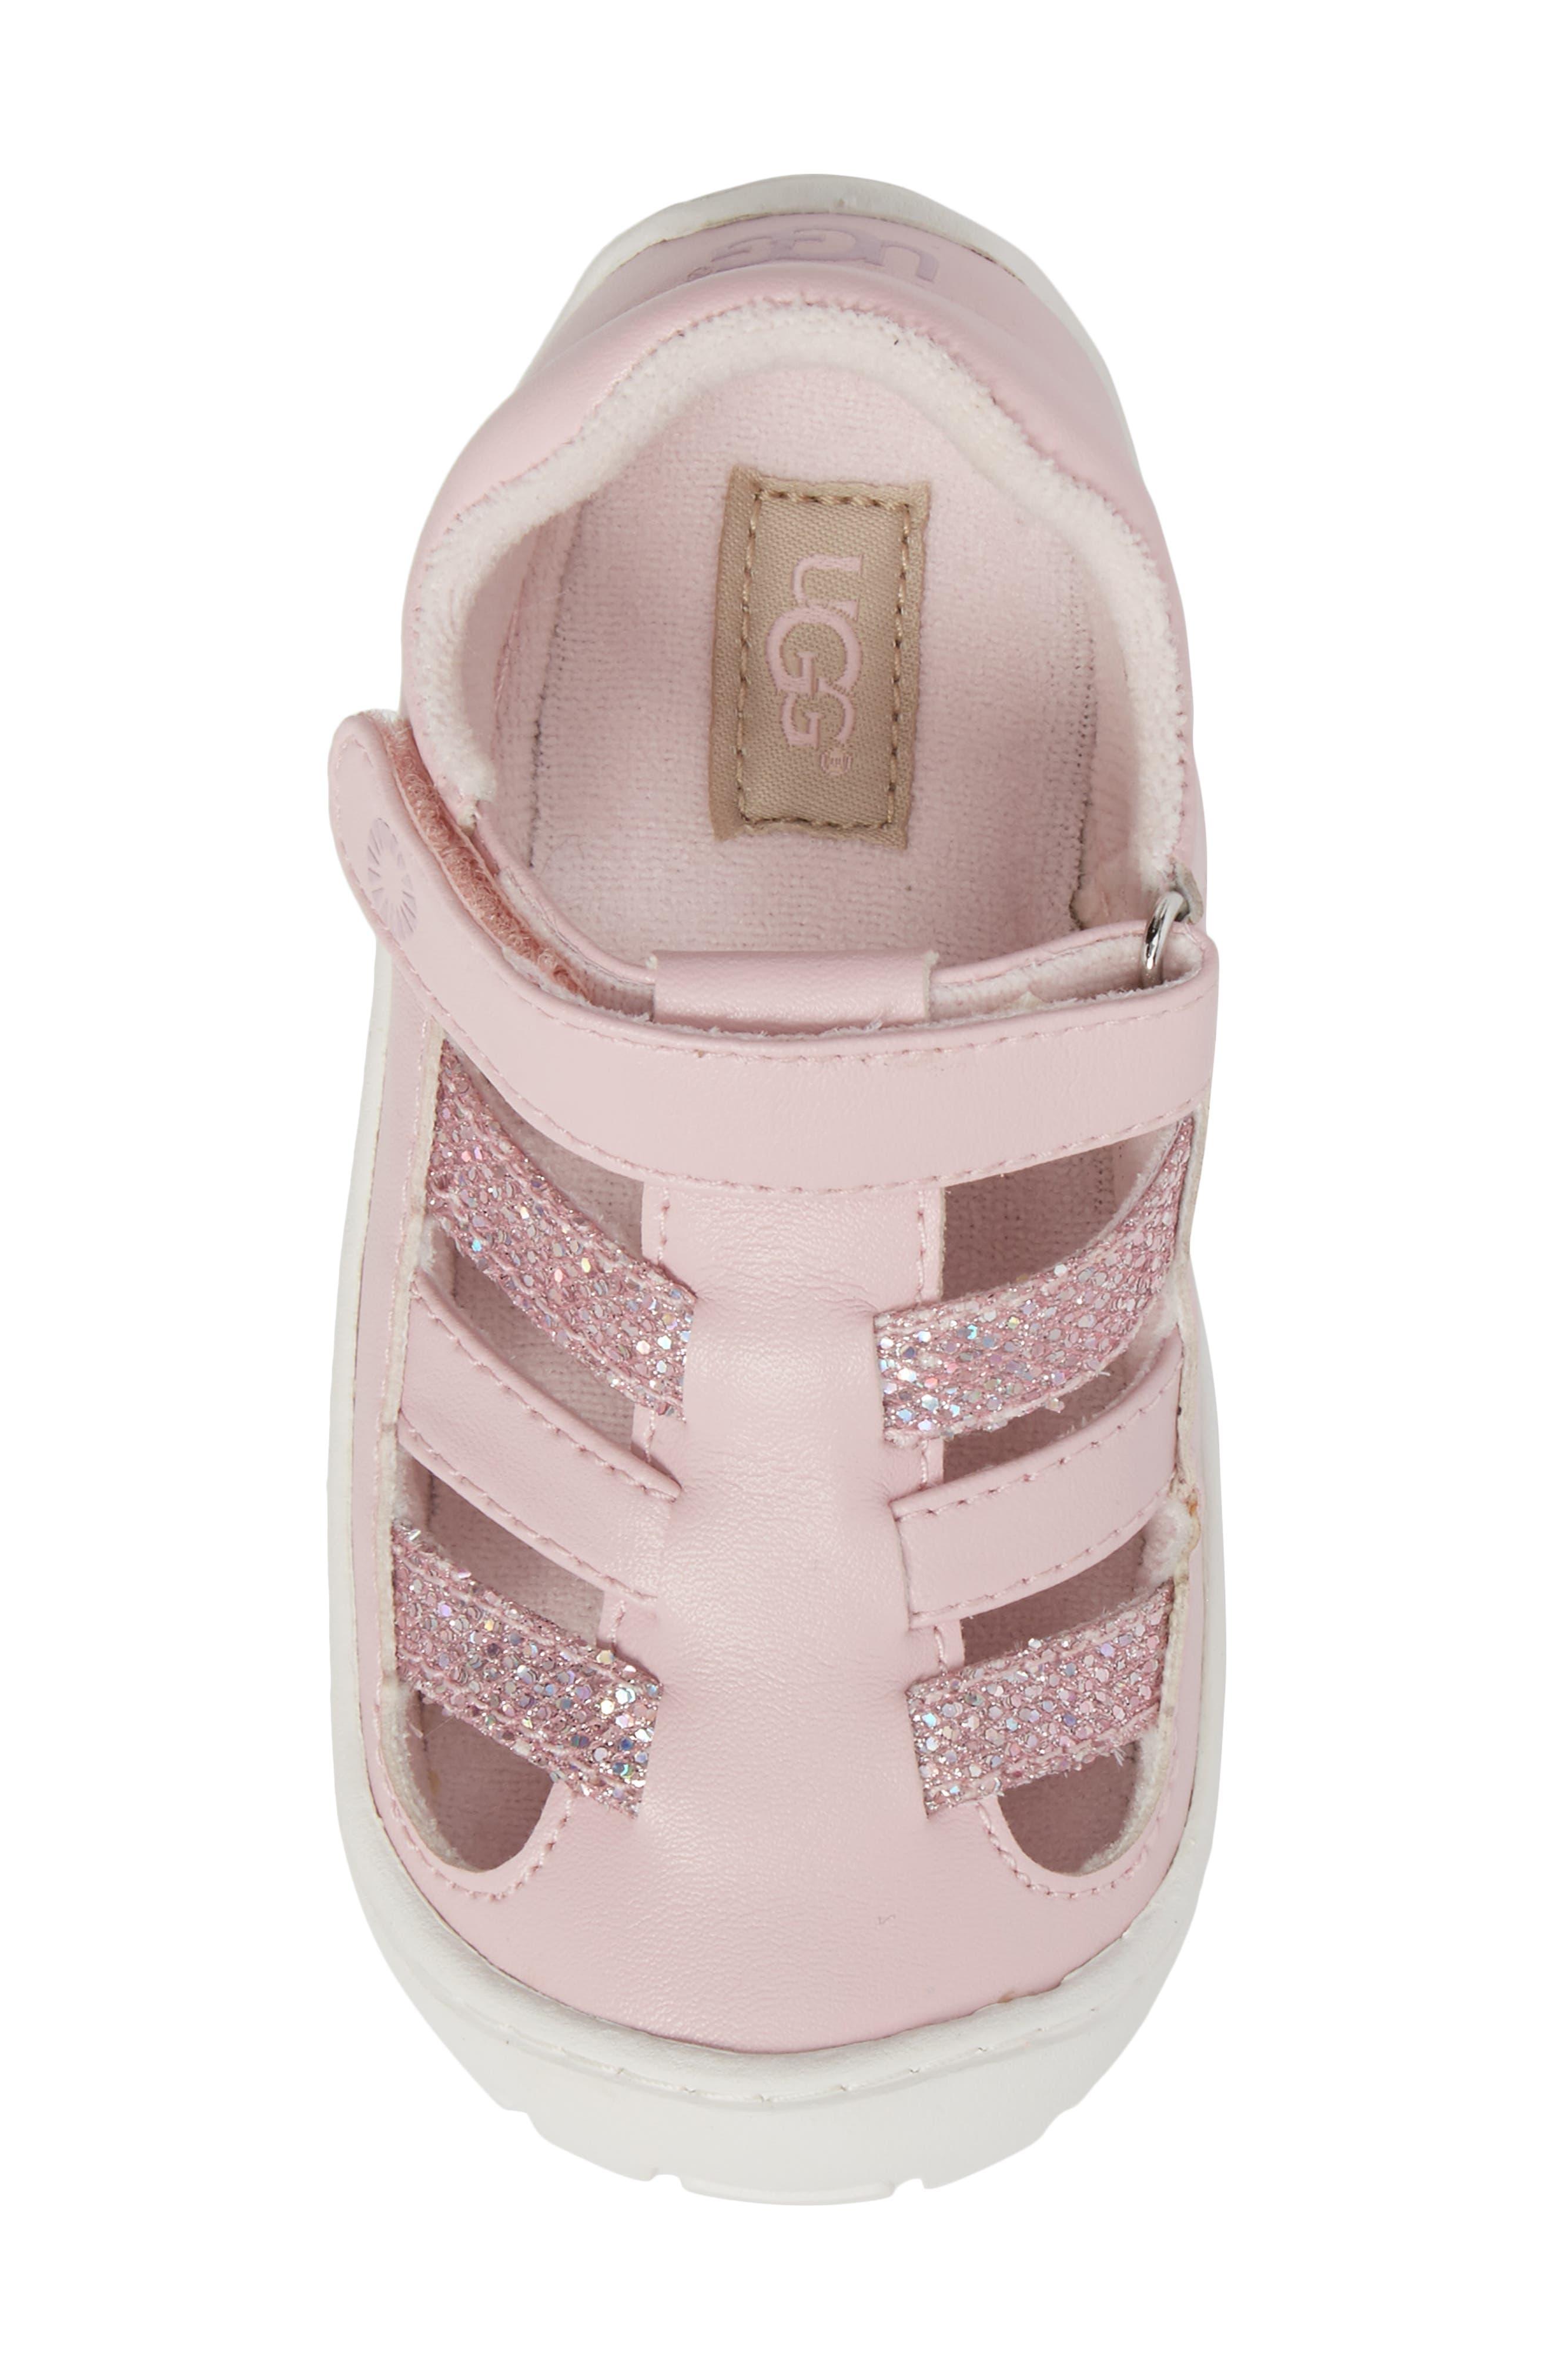 Santore Glitter Sandal,                             Alternate thumbnail 5, color,                             Seashell Pink